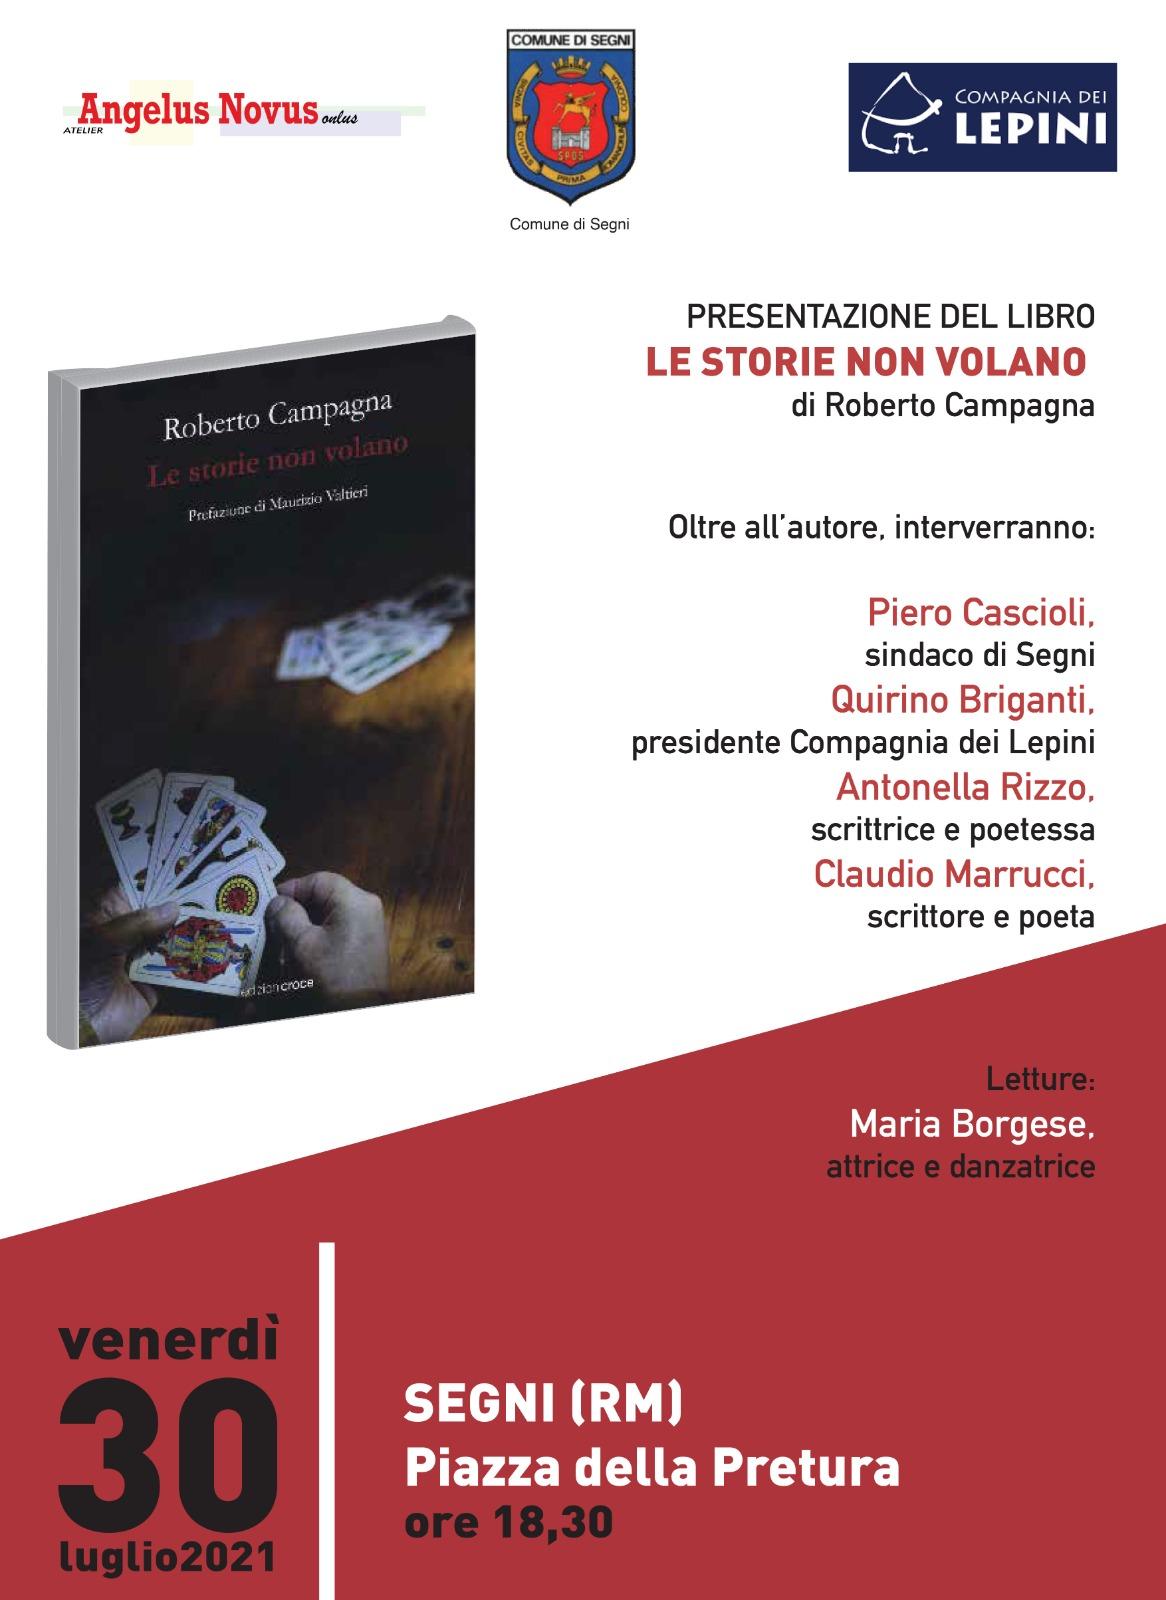 """Segni: Presentazione libro """"Le storie non volano"""" di Roberto Campagna @ Piazza della Pretura"""